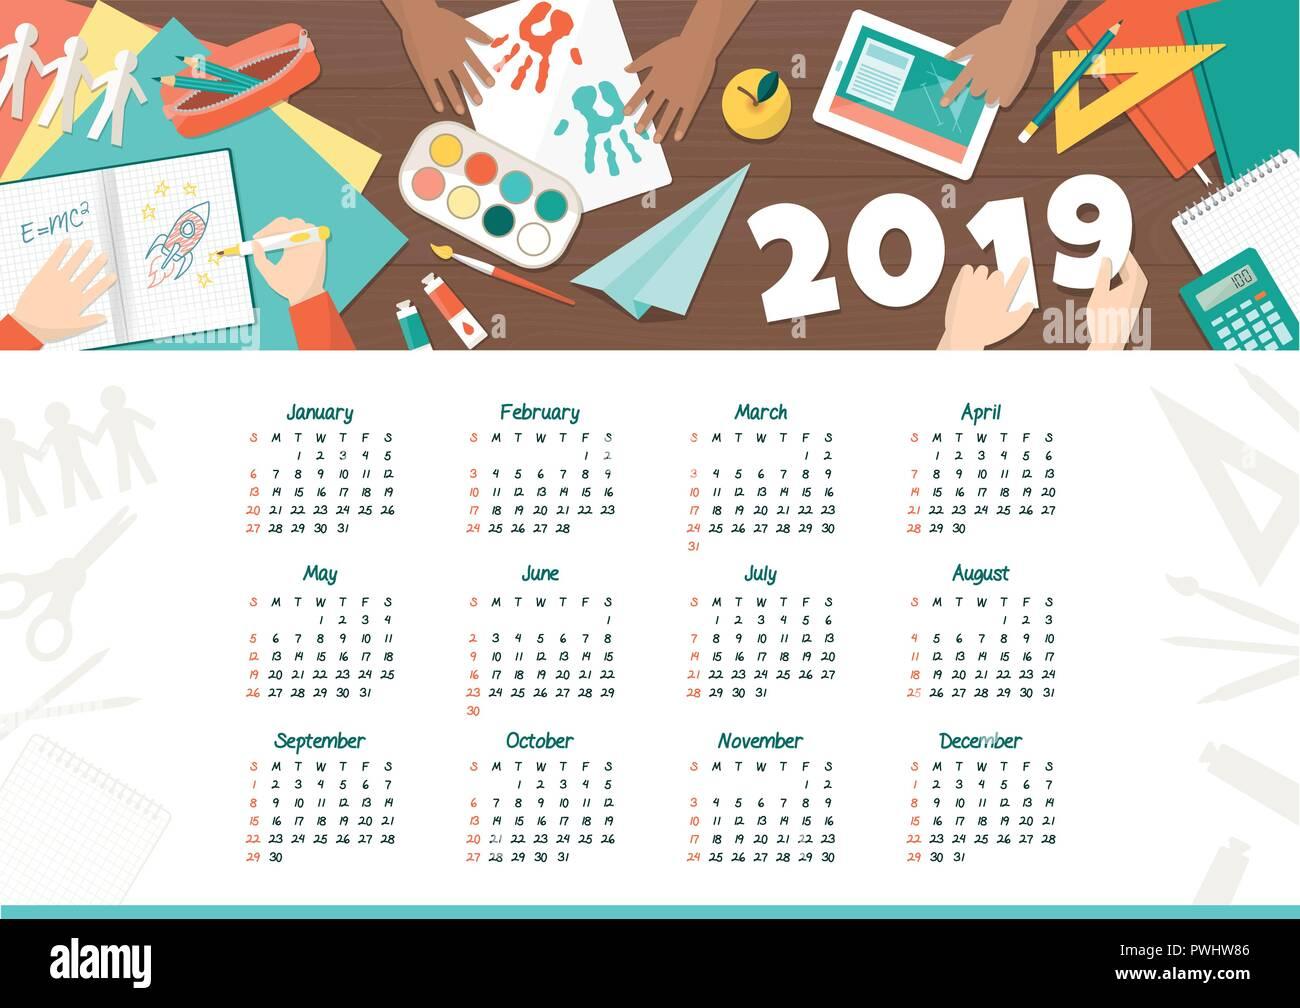 Calendario Bimbi.Bimbi Creativi A Scuola Il Calendario 2019 Bambini Felici